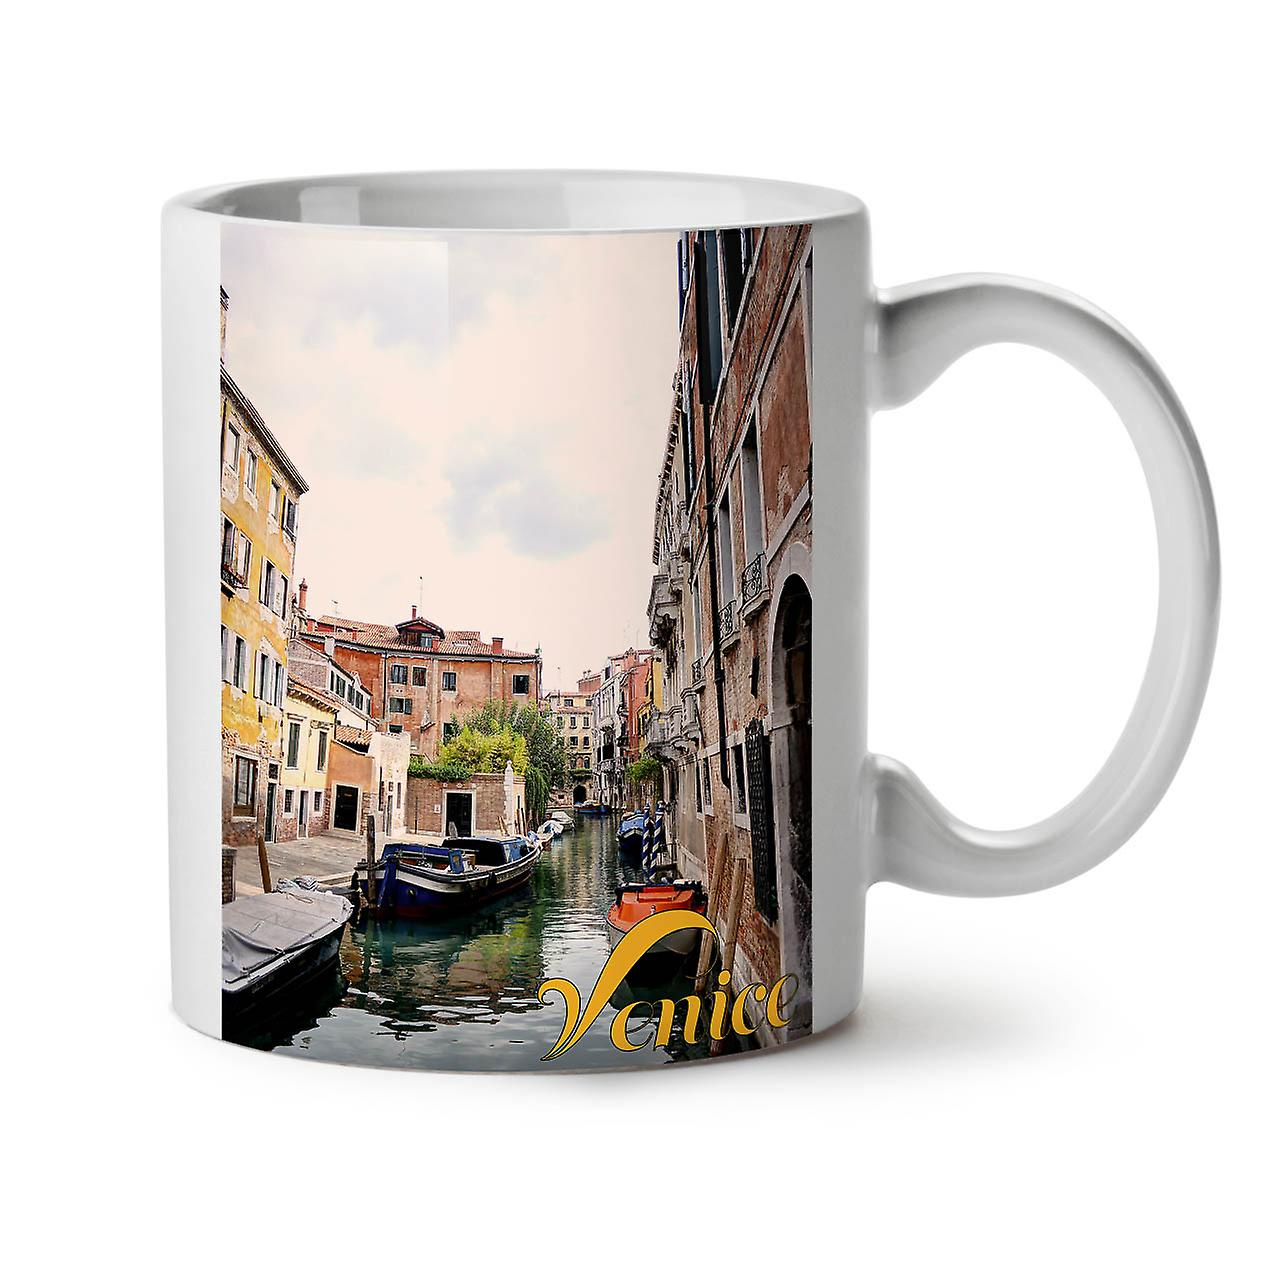 Tasse Café Canal OzWellcoda Venise Vieux Blanc Tour 11 Céramique De Nouveau Thé VUqpGSzM